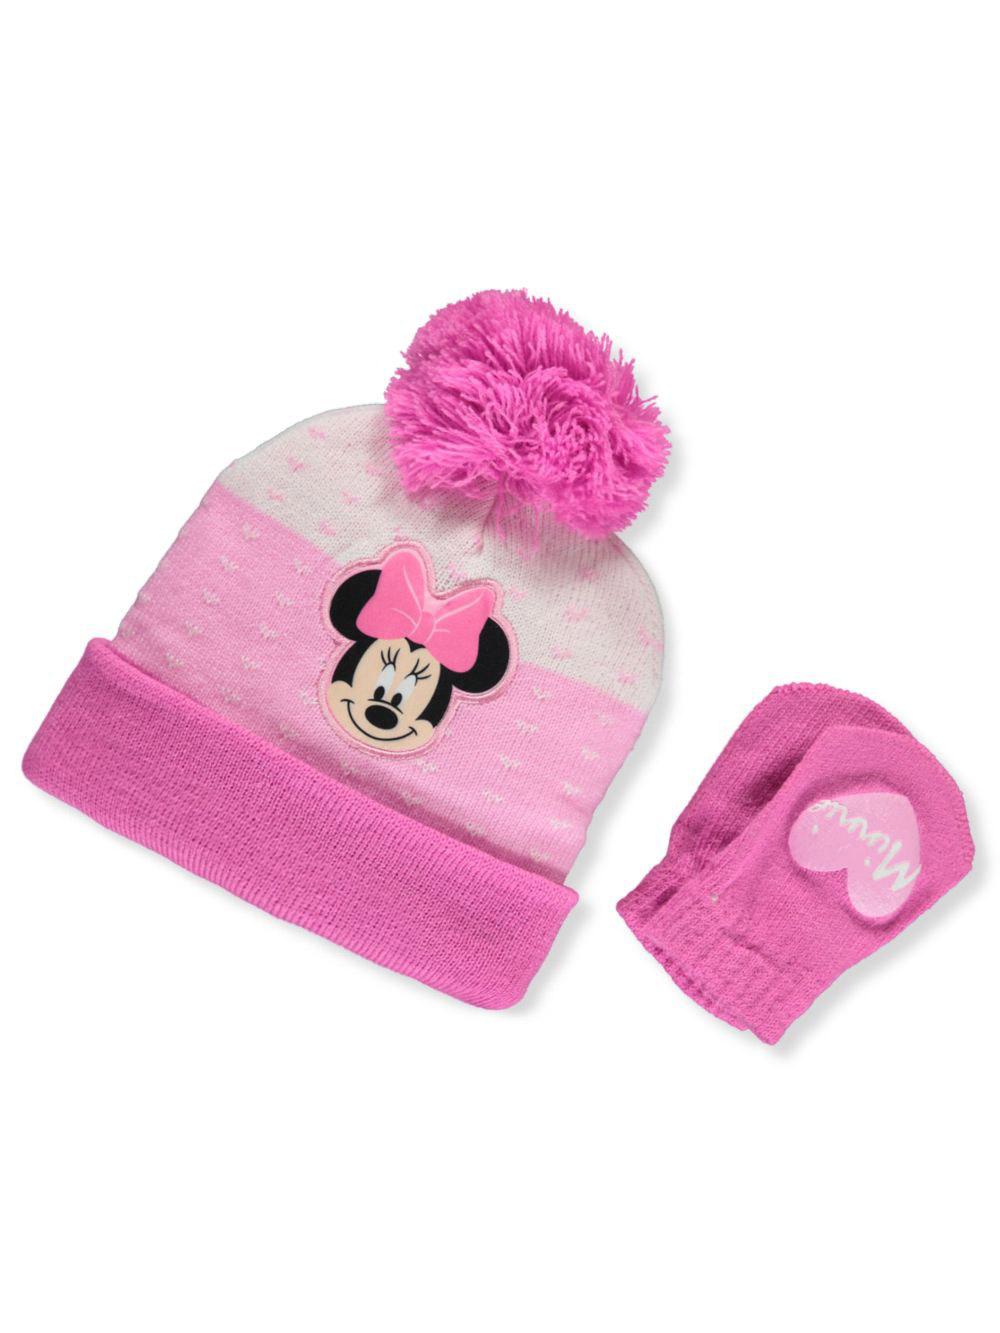 Disney Minnie Pink Beanie Set